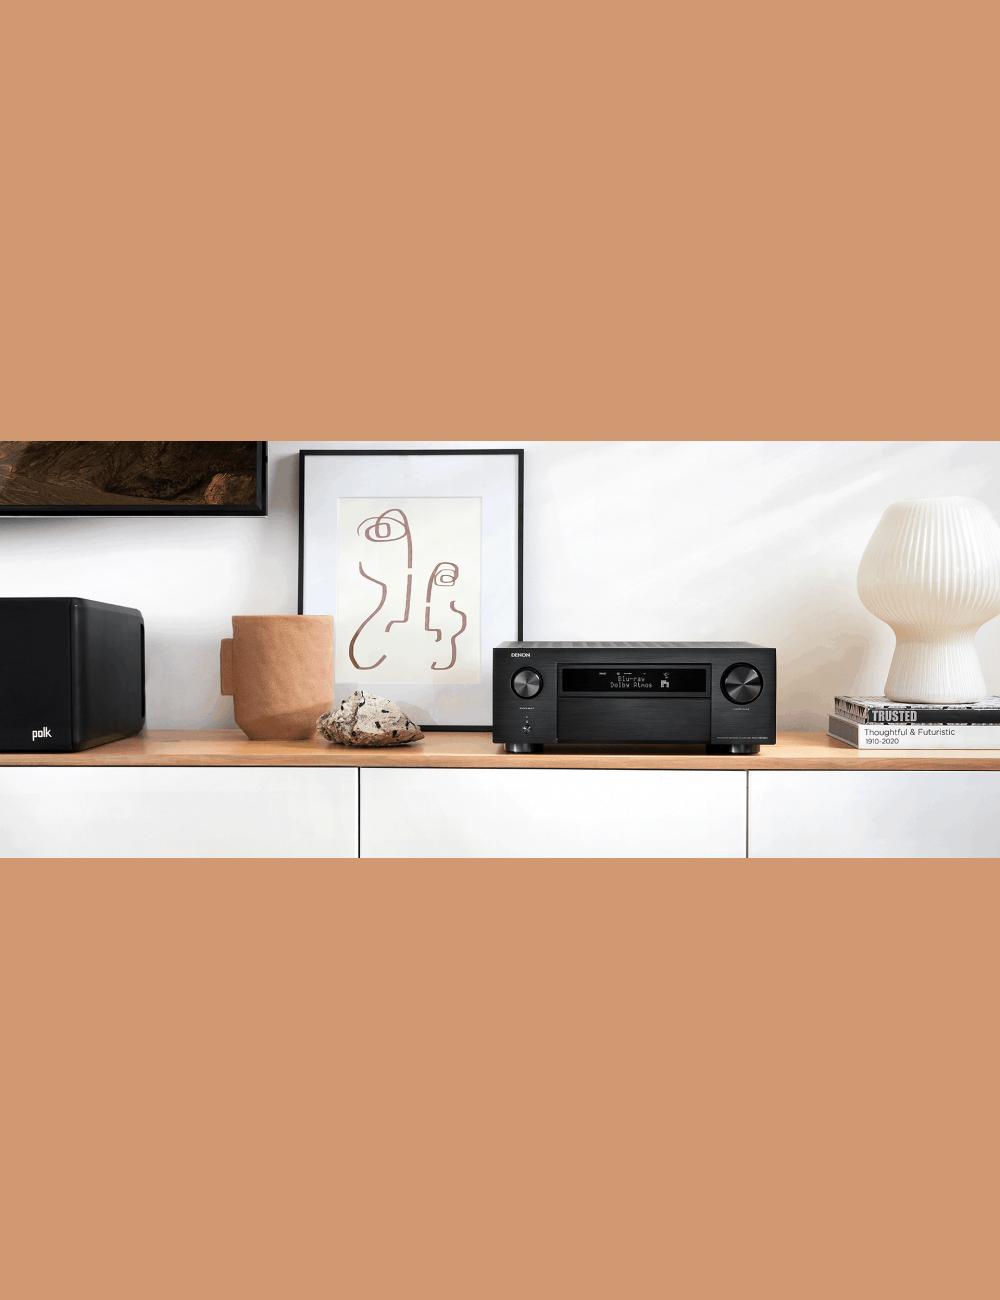 Sintoamplificatore AV 11.2 canali 8K Ultra HD con Audio 3D e HEOS, Denon AVR-X6700H, lifestyle, finitura Black